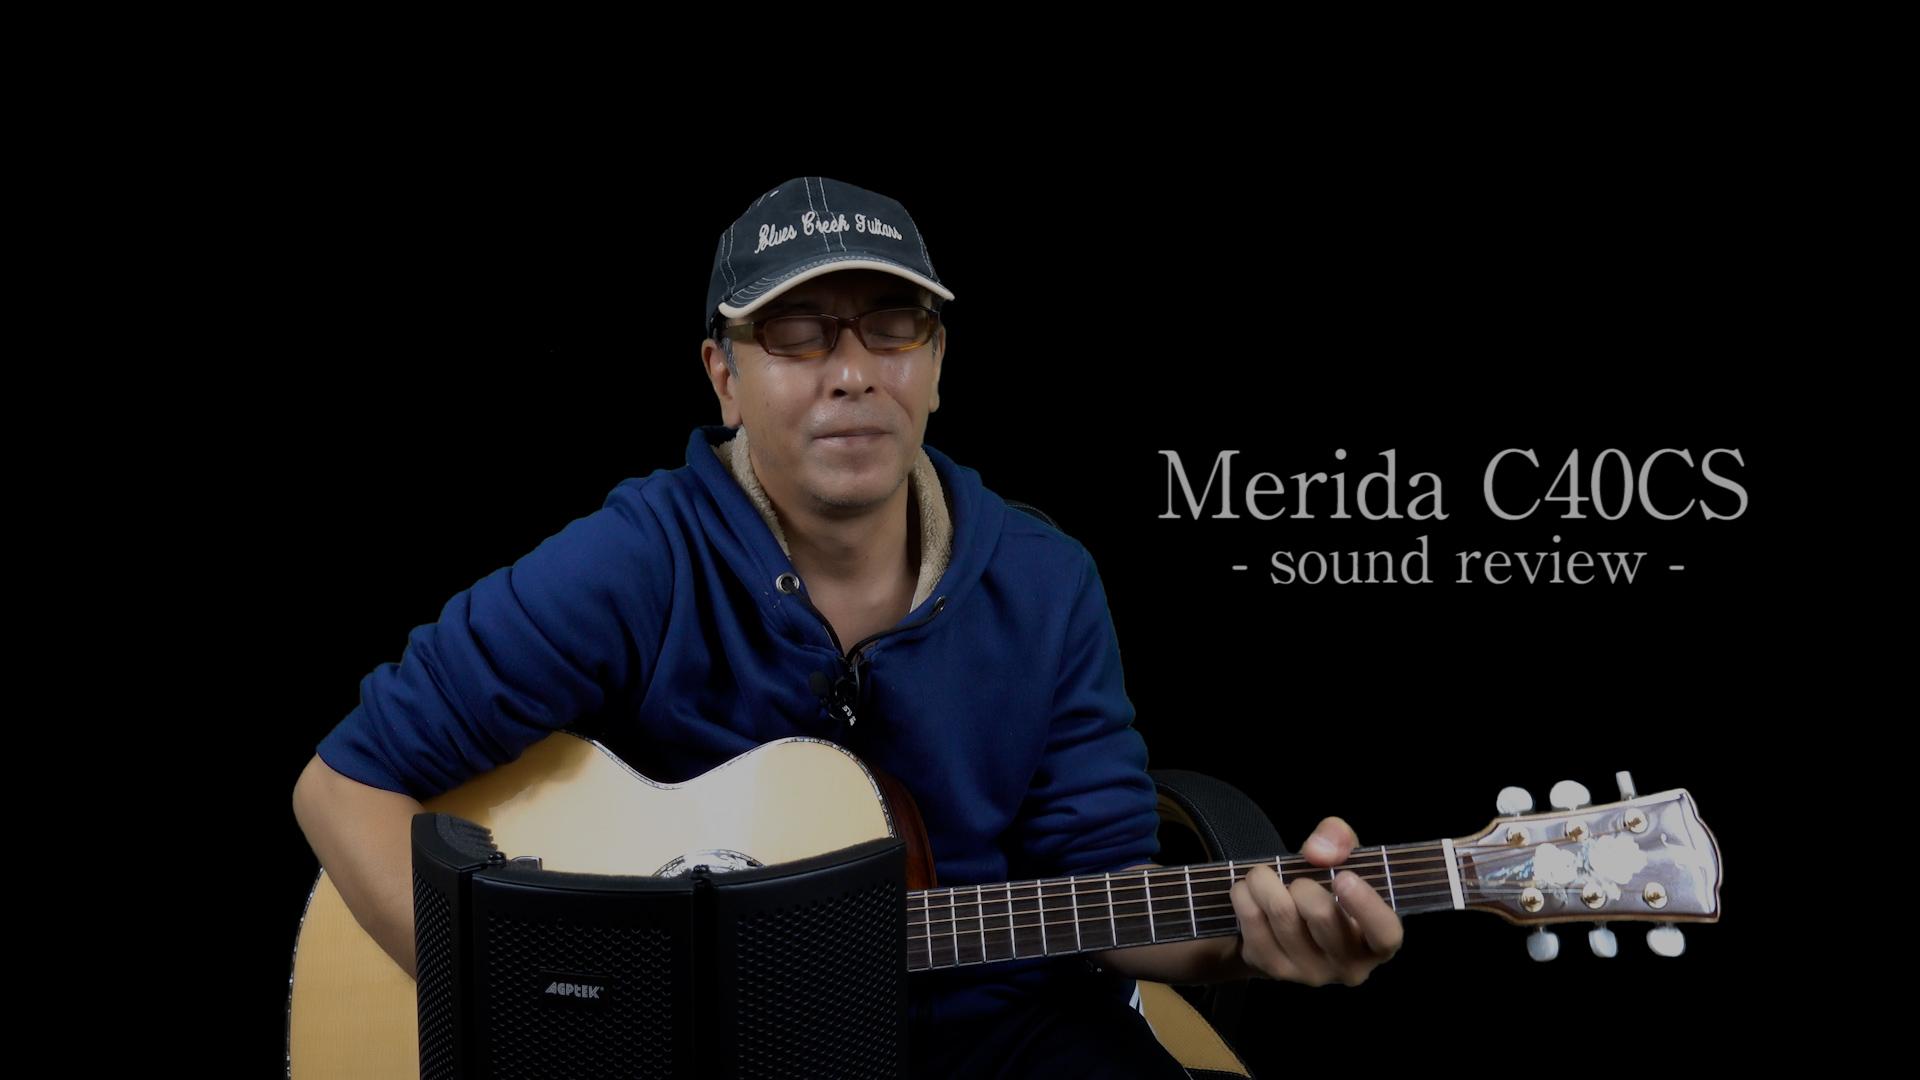 メリダ C40CS アコギレビュー【演奏編】 - 中国製 単板アコースティックギター